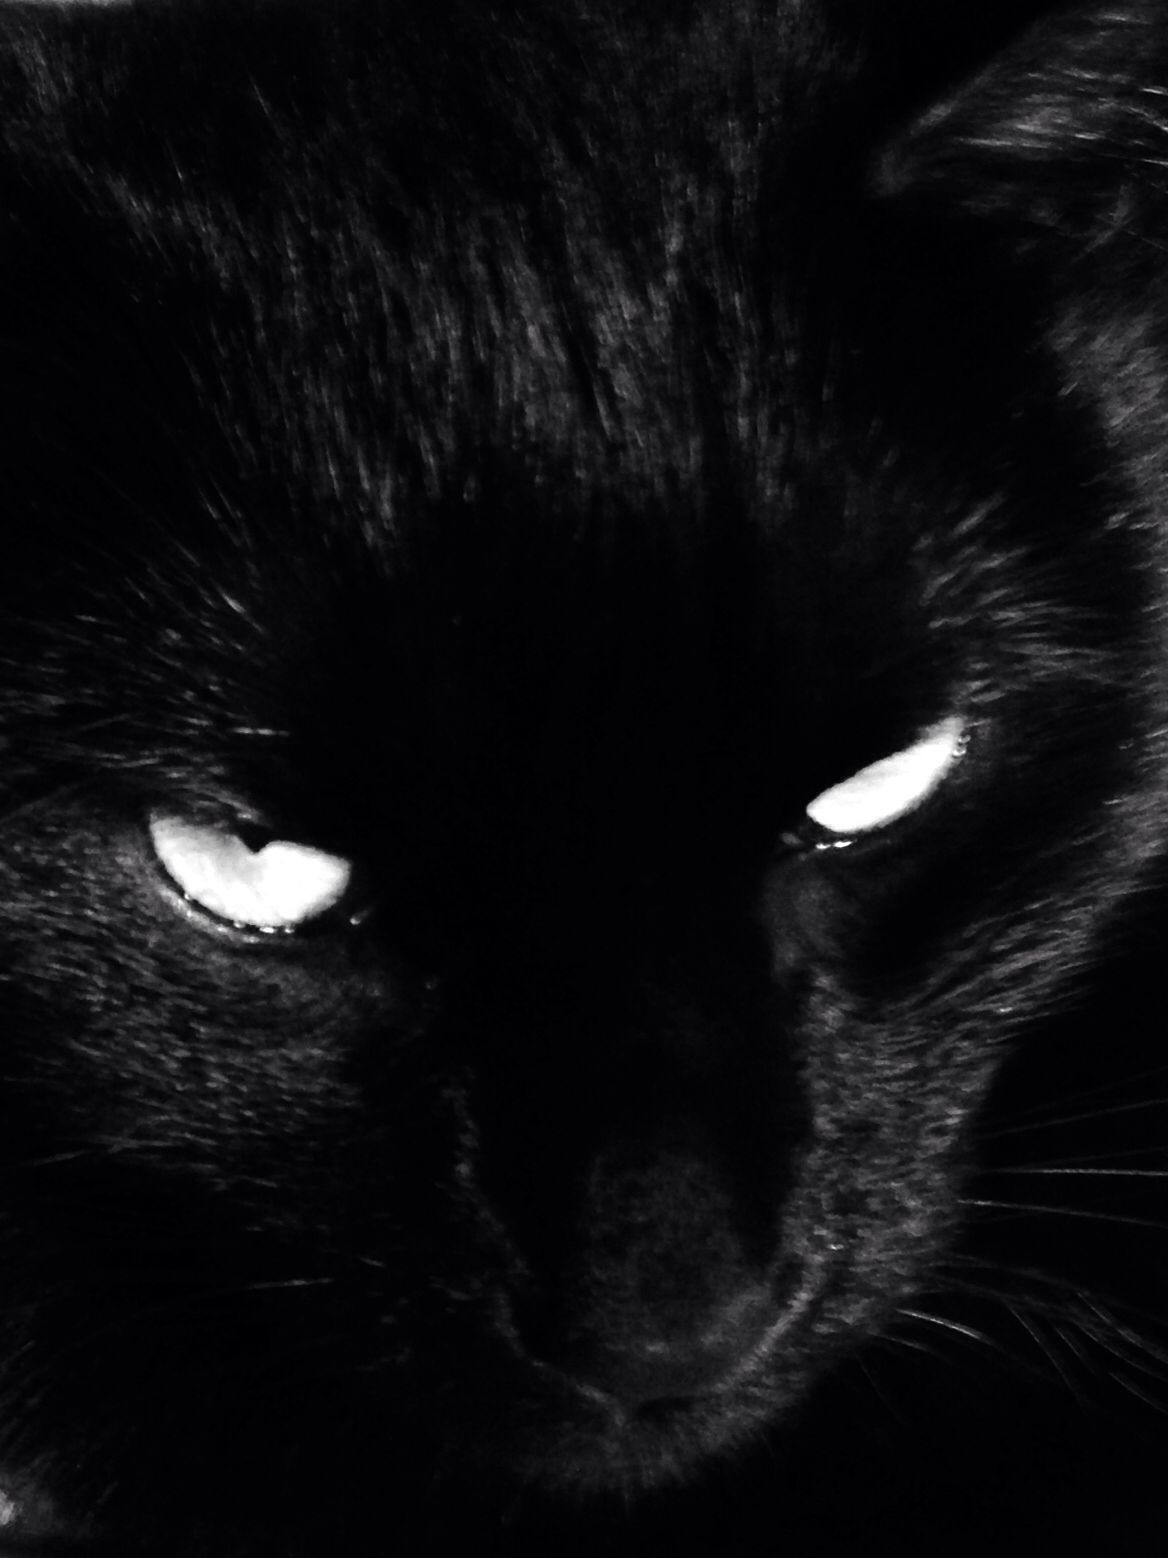 Bertie the Cat Noir